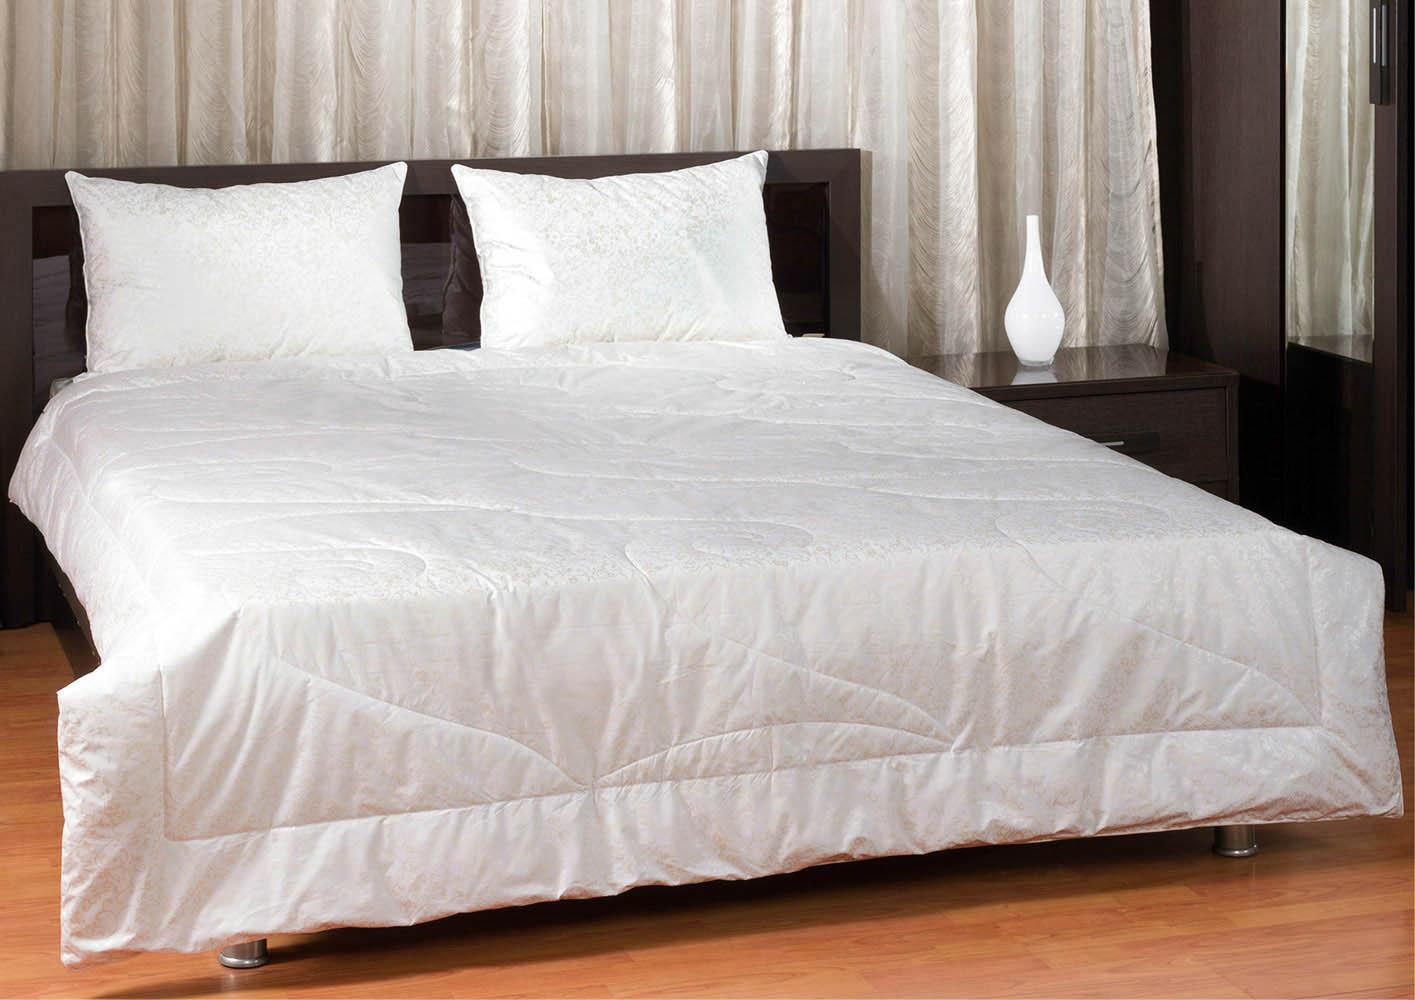 Купить Одеяла Primavelle, Одеяло Лебяжий Пух Цвет: Белый (140х205 см), Россия, Хлопковый тик